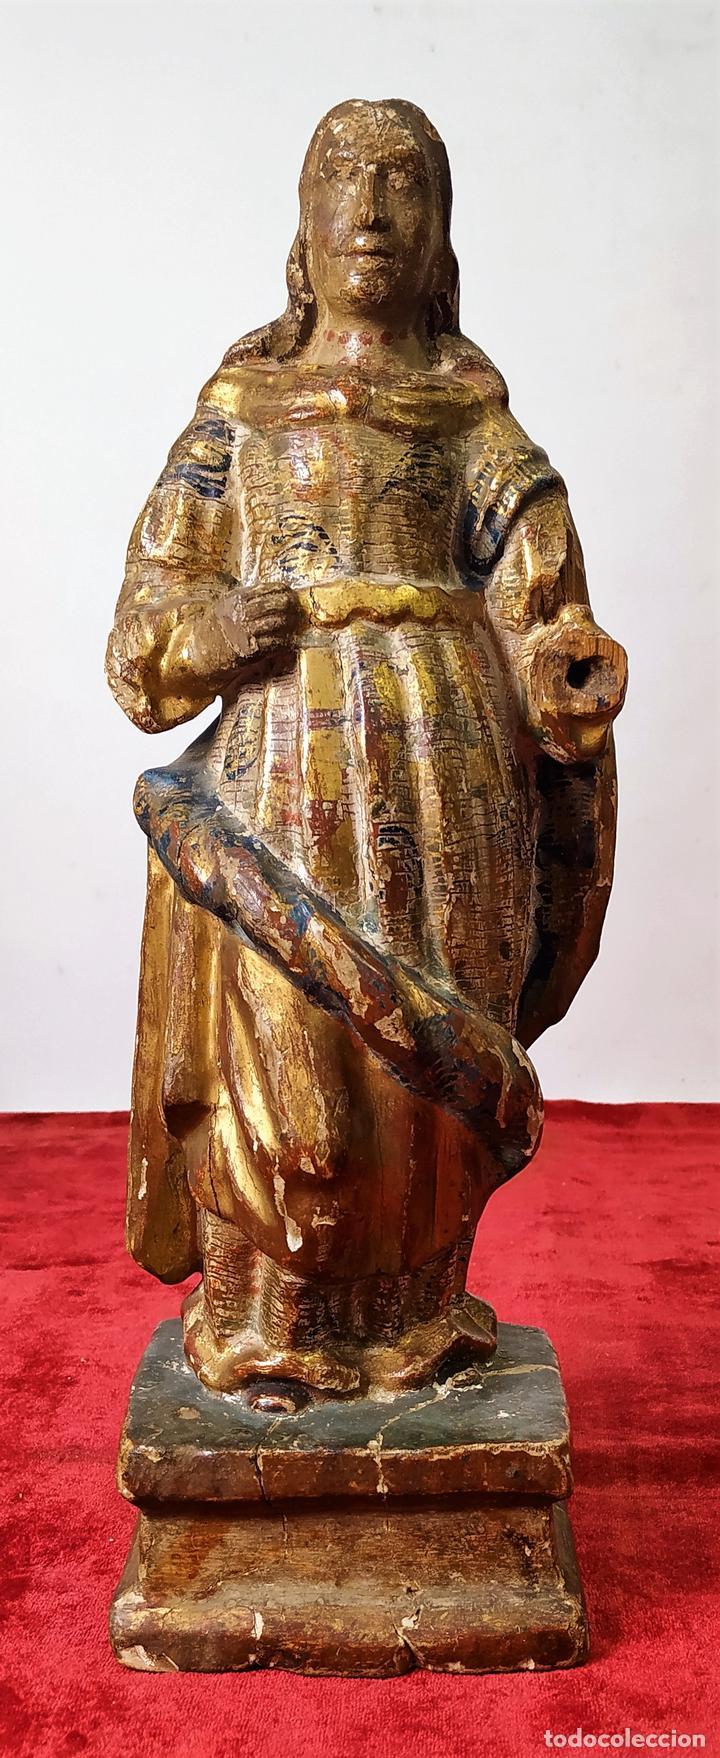 INMACULADA. ESCULTURA. MADERA TALLADA. POLICROMÍA ORIGINAL. ESPAÑA. SIGLO XVII (Arte - Arte Religioso - Escultura)